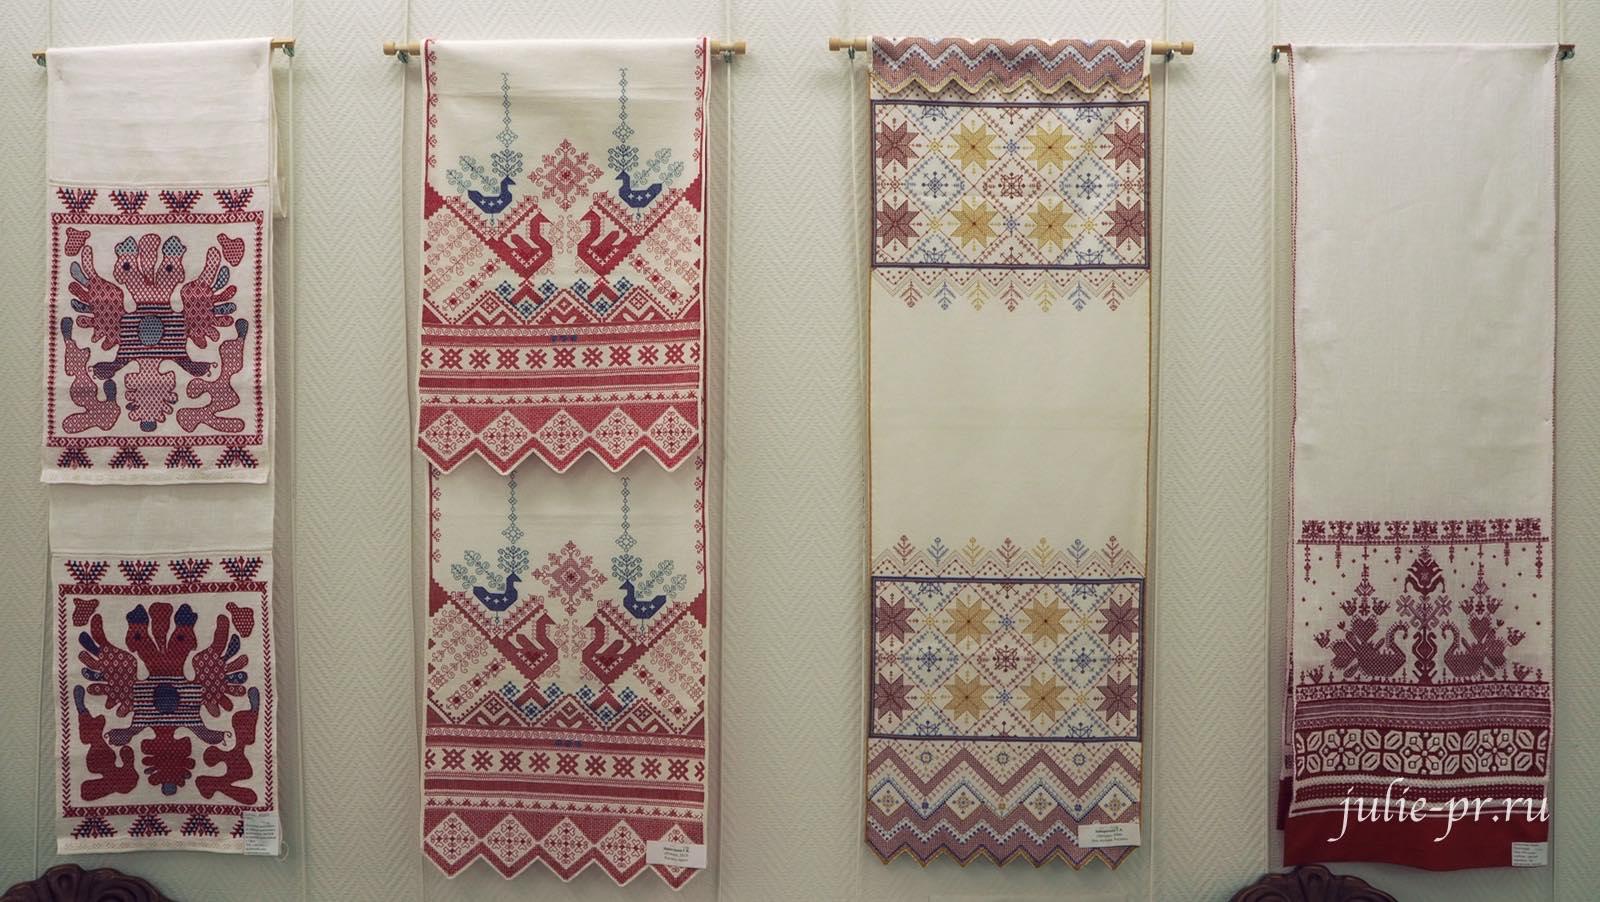 Вышитые полотенца, вышивка, выставка, Иголочка тонка, да достаёт до сердца, Санкт-Петербург